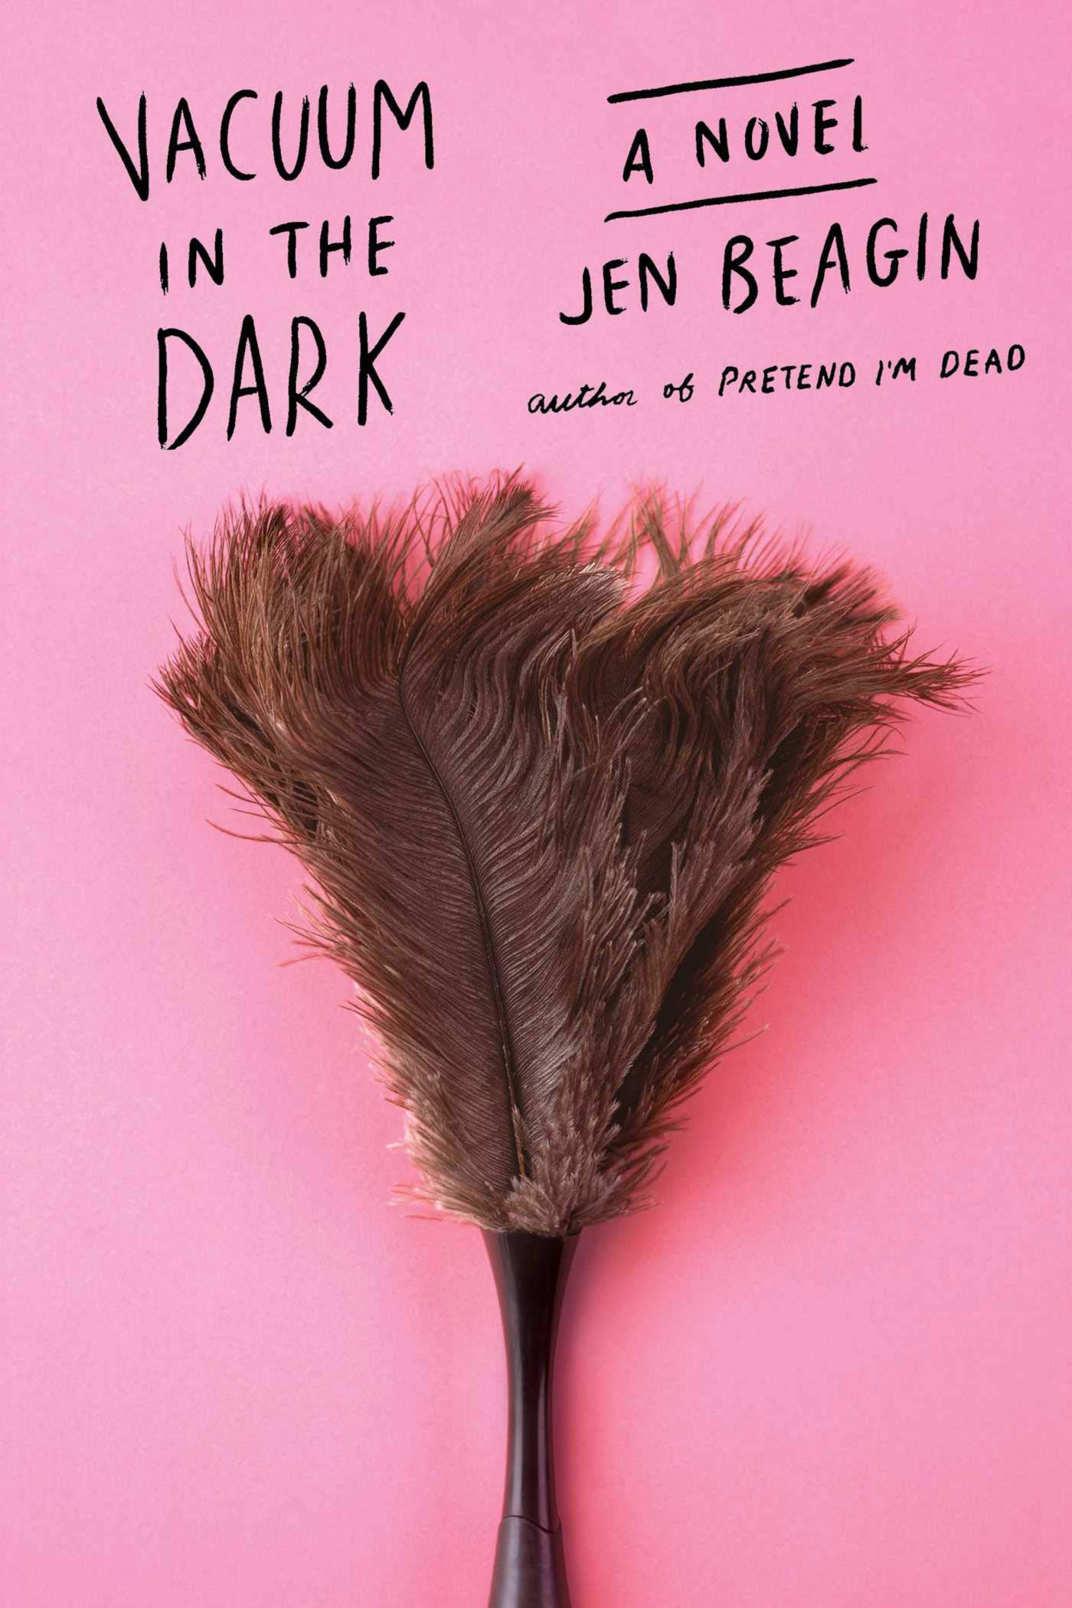 <em>Vacuum in the Dark</em> by Jen Beagin